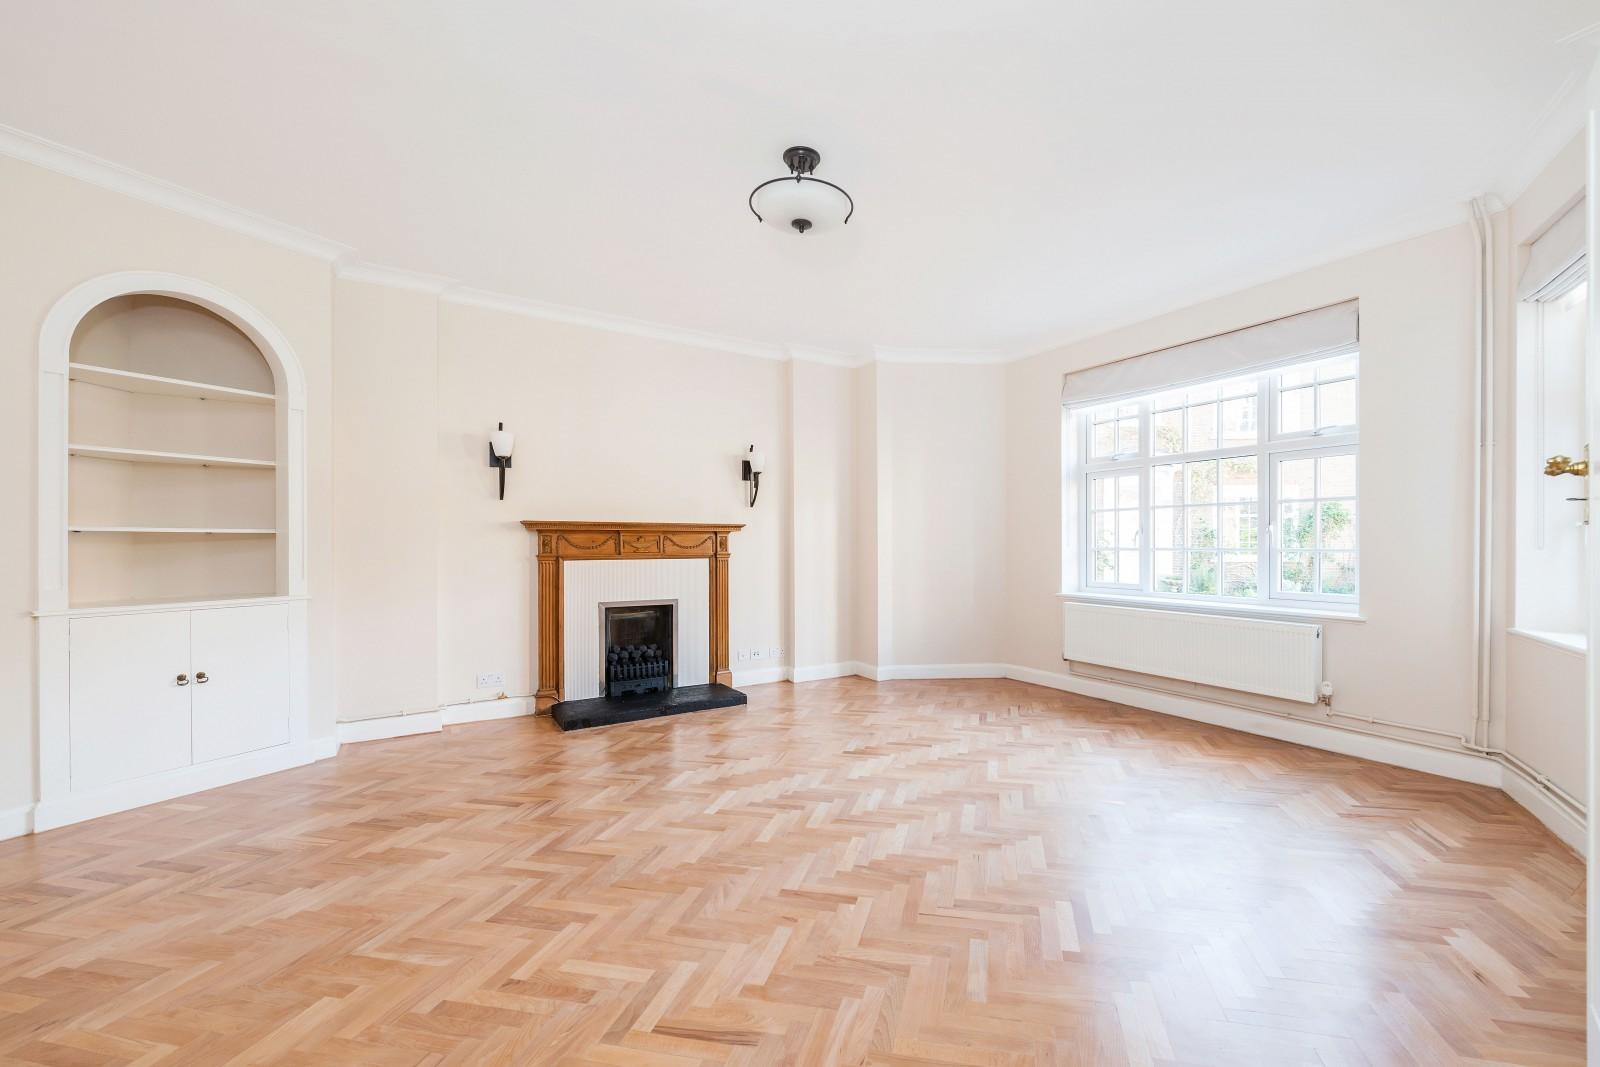 Maison unifamiliale pour l à louer à Sprimont Place, Chelsea, SW3 Chelsea, Angleterre